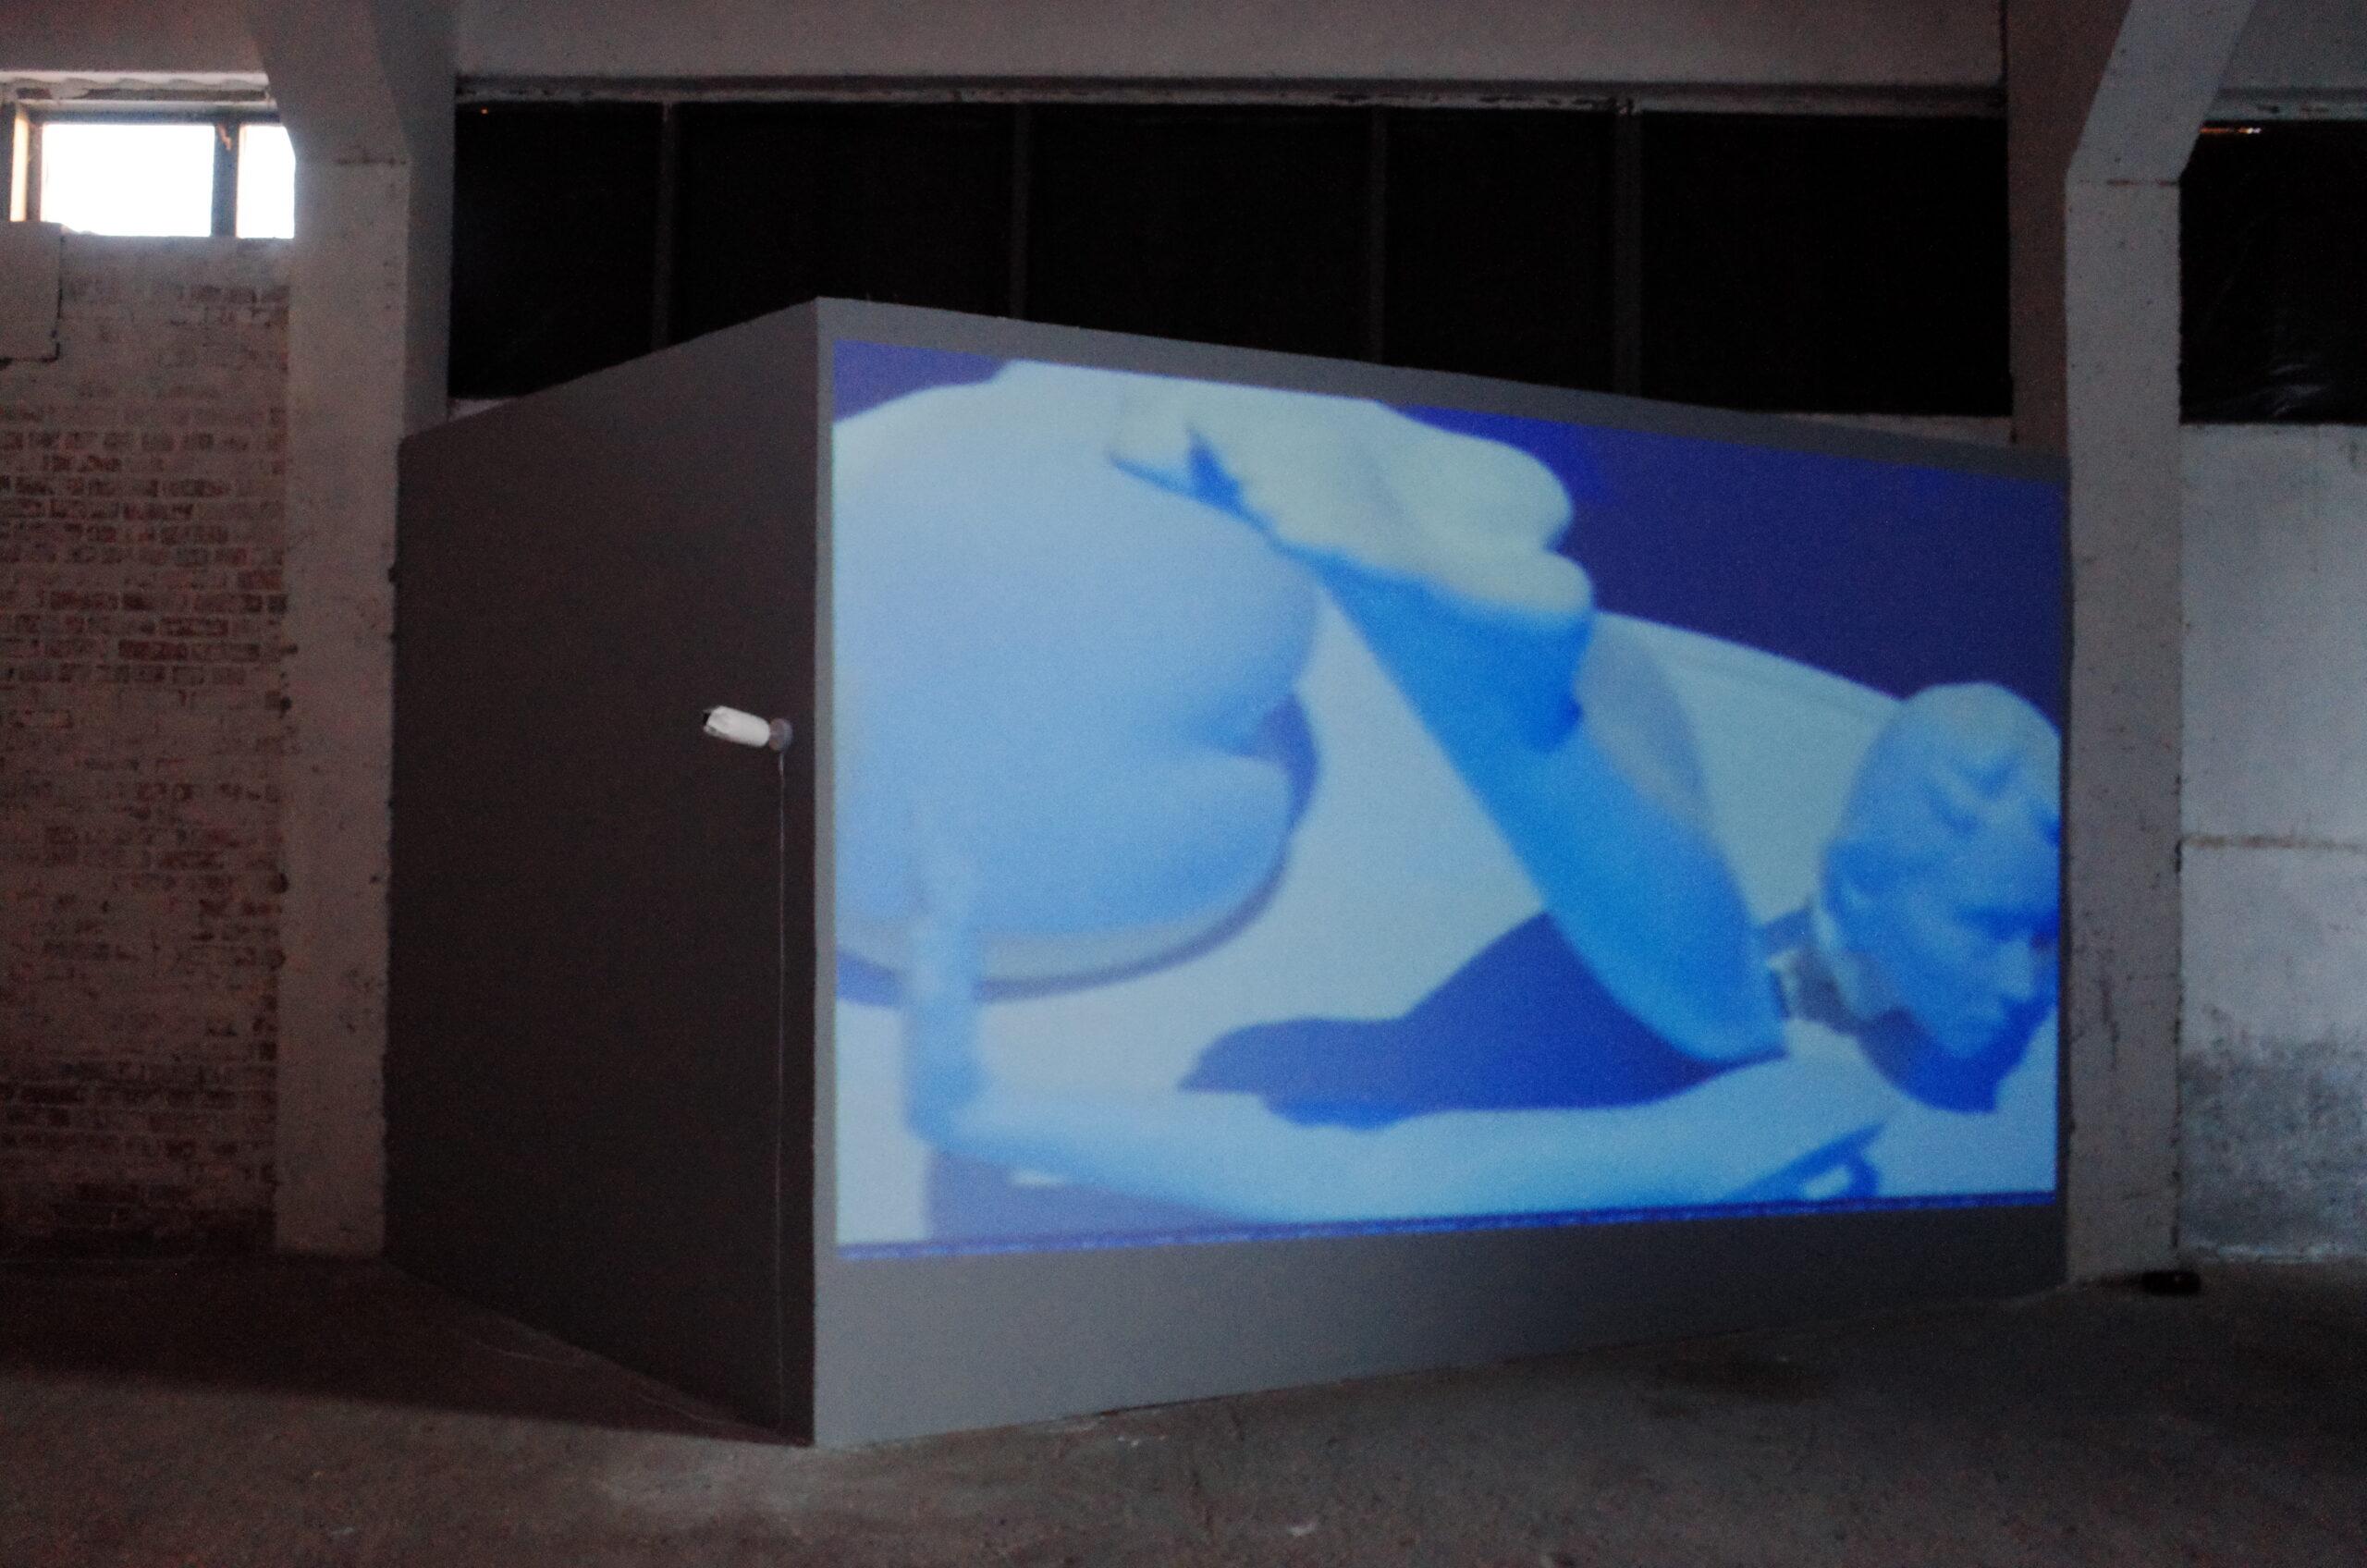 Julia Beliaeva, Hotel Quarantine. Music: Insomnia Taxxi. Video, installation, 2020 - 2021. Юлія Беляєва. Готель Карантин. Музика: Insomnia Taxxi.Відео, інсталяція, 2020 - 2021